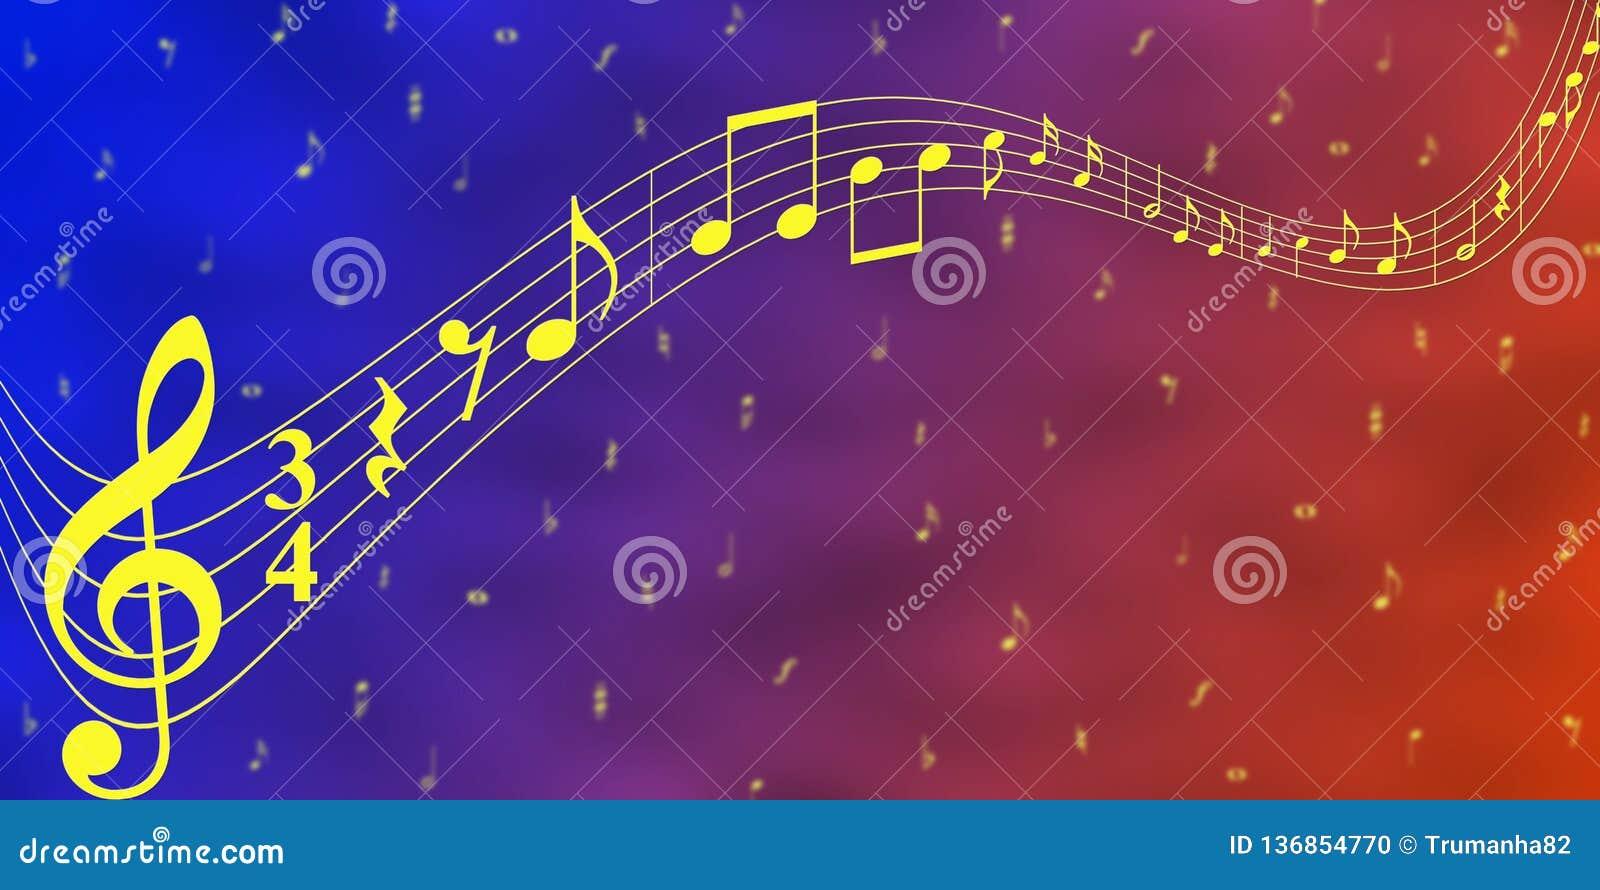 Notas amarillas de la música en fondo azul y rojo de la bandera